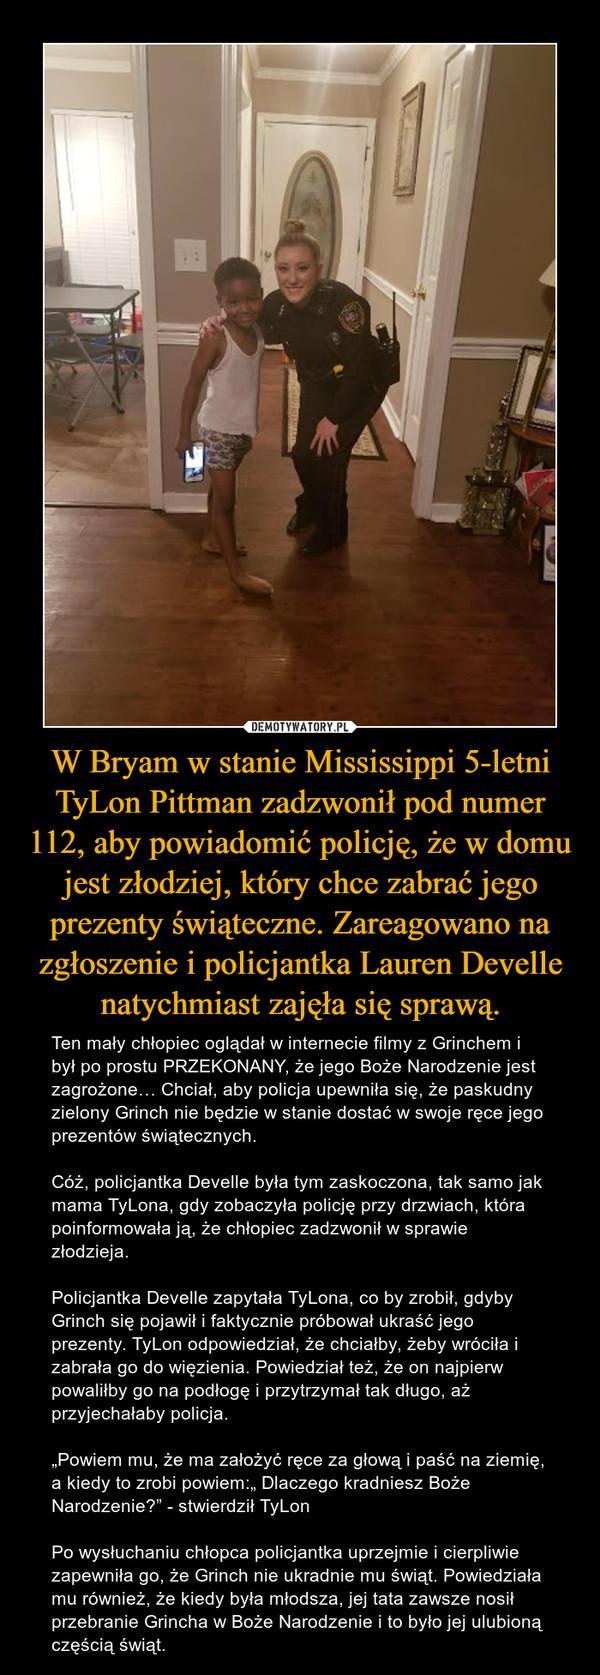 """W Bryam w stanie Mississippi 5-letni TyLon Pittman zadzwonił pod numer 112, aby powiadomić policję, że w domu jest złodziej, który chce zabrać jego prezenty świąteczne. Zareagowano na zgłoszenie i policjantka Lauren Develle natychmiast zajęła się sprawą. – Ten mały chłopiec oglądał w internecie filmy z Grinchem i był po prostu PRZEKONANY, że jego Boże Narodzenie jest zagrożone… Chciał, aby policja upewniła się, że paskudny zielony Grinch nie będzie w stanie dostać w swoje ręce jego prezentów świątecznych.Cóż, policjantka Develle była tym zaskoczona, tak samo jak mama TyLona, gdy zobaczyła policję przy drzwiach, która poinformowała ją, że chłopiec zadzwonił w sprawie złodzieja.Policjantka Develle zapytała TyLona, co by zrobił, gdyby Grinch się pojawił i faktycznie próbował ukraść jego prezenty. TyLon odpowiedział, że chciałby, żeby wróciła i zabrała go do więzienia. Powiedział też, że on najpierw powaliłby go na podłogę i przytrzymał tak długo, aż przyjechałaby policja.""""Powiem mu, że ma założyć ręce za głową i paść na ziemię, a kiedy to zrobi powiem:"""" Dlaczego kradniesz Boże Narodzenie?"""" - stwierdził TyLonPo wysłuchaniu chłopca policjantka uprzejmie i cierpliwie zapewniła go, że Grinch nie ukradnie mu świąt. Powiedziała mu również, że kiedy była młodsza, jej tata zawsze nosił przebranie Grincha w Boże Narodzenie i to było jej ulubioną częścią świąt."""